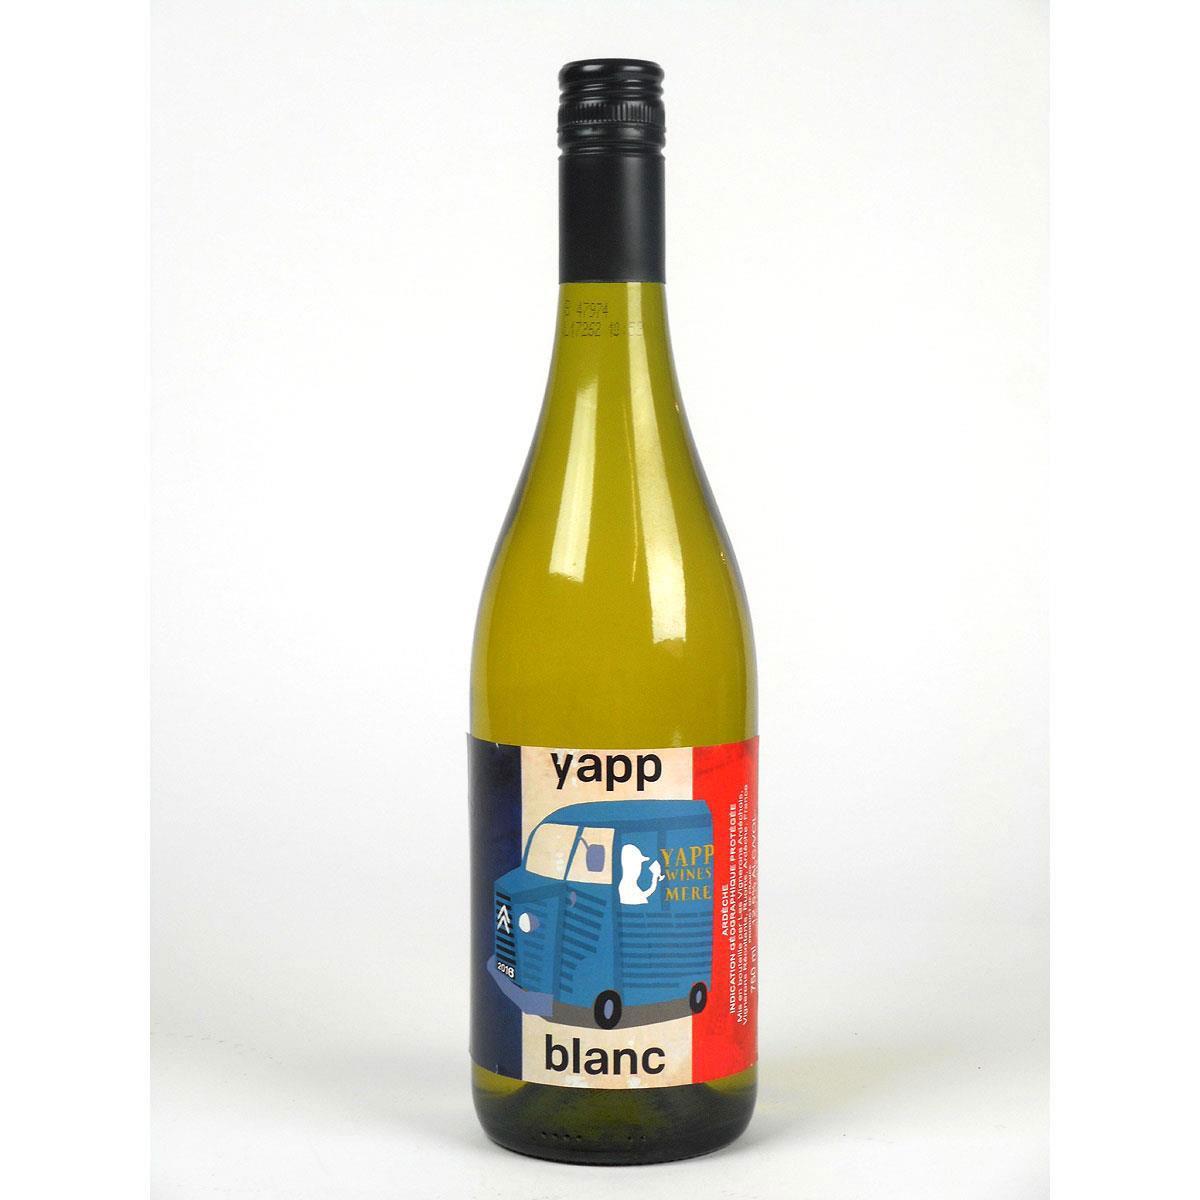 Yapp Blanc 2018 - Bottle